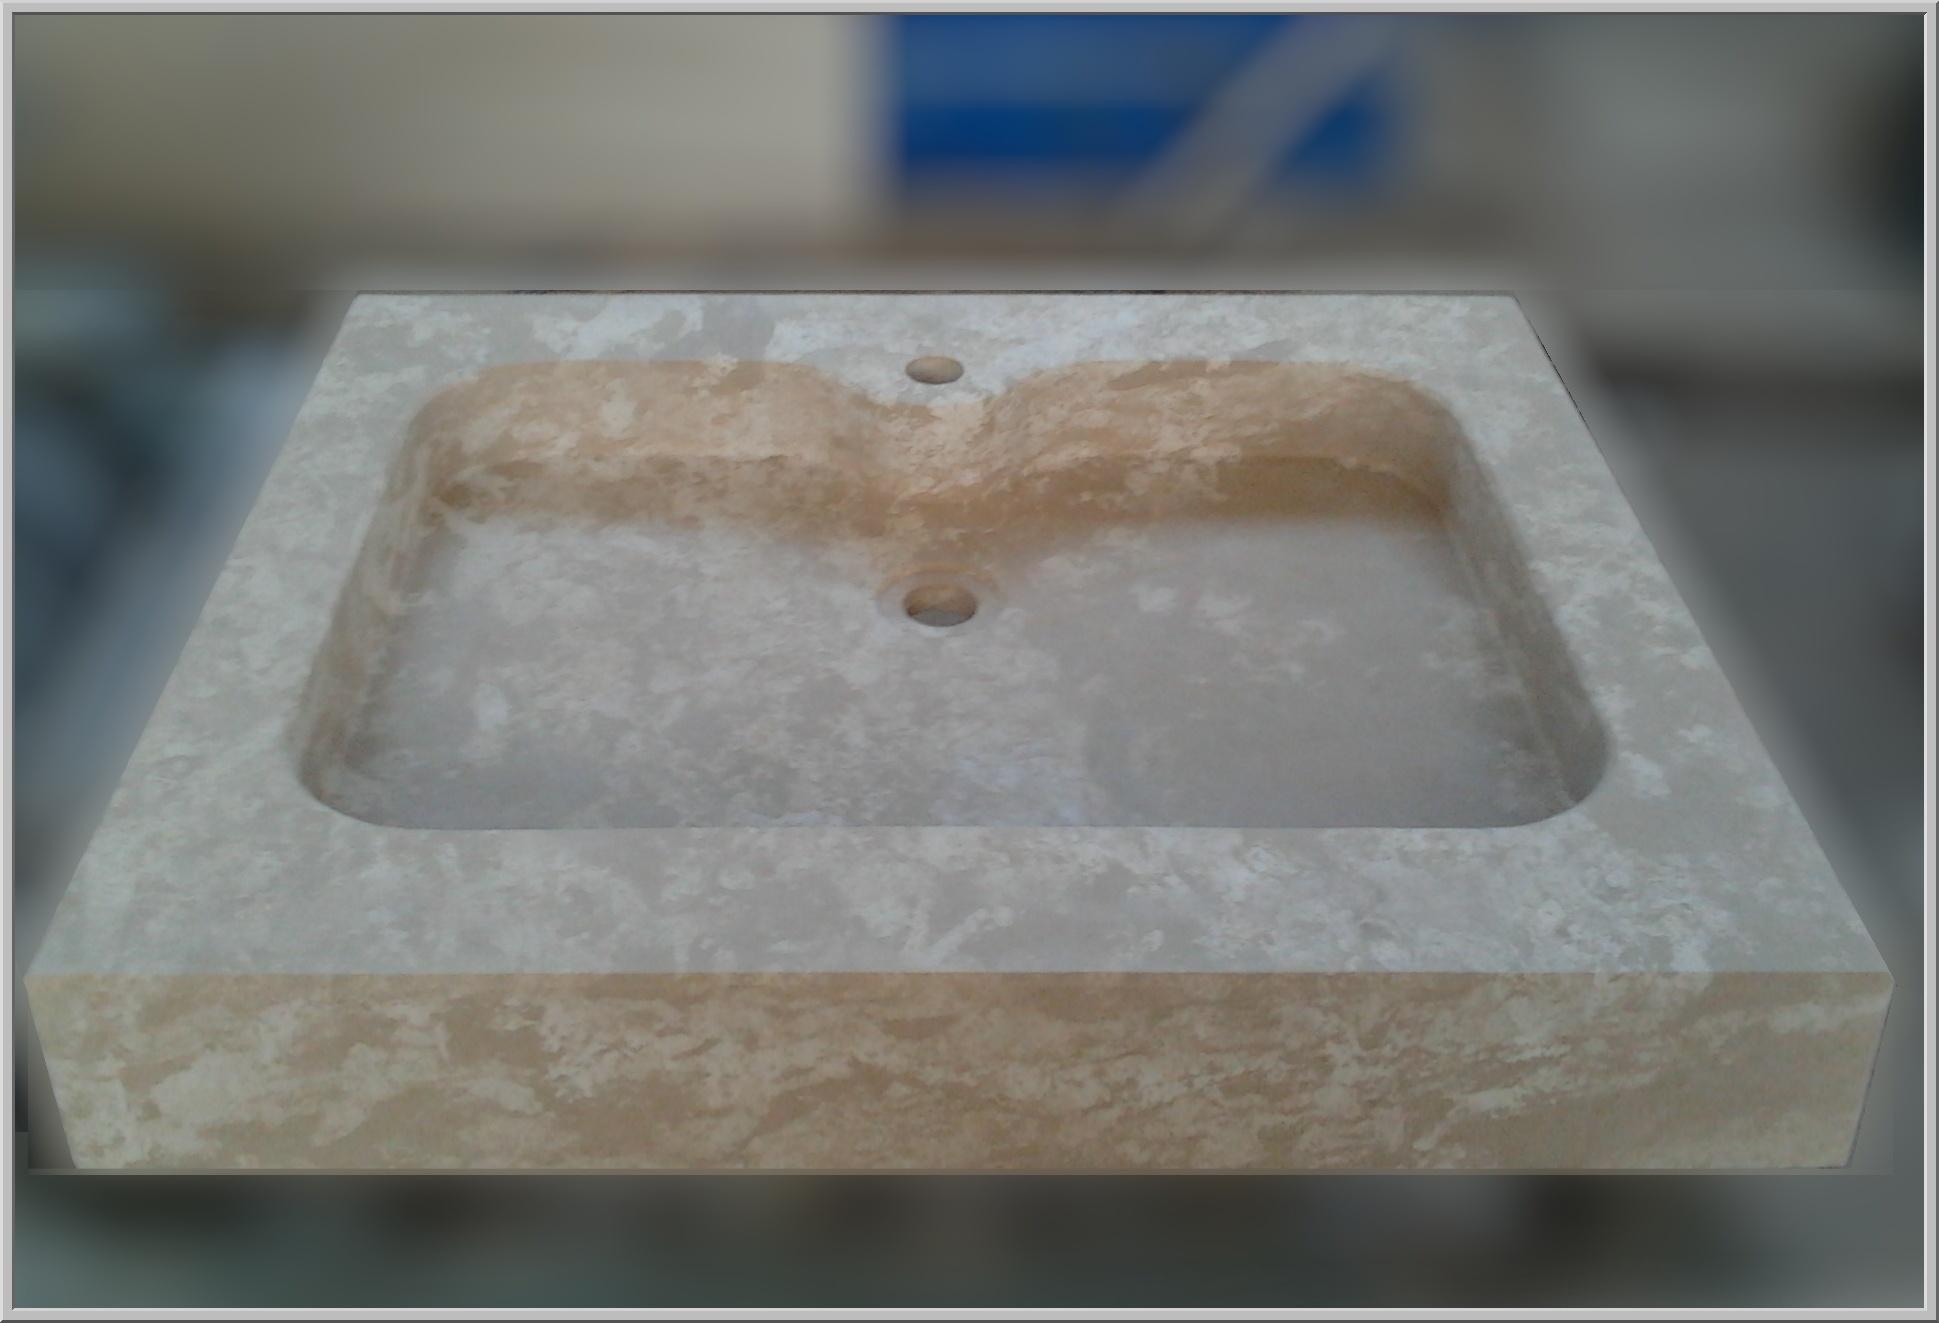 Marmo pietra acquaio scavato cucina esterno taverna art - Lavandini in marmo per cucina ...